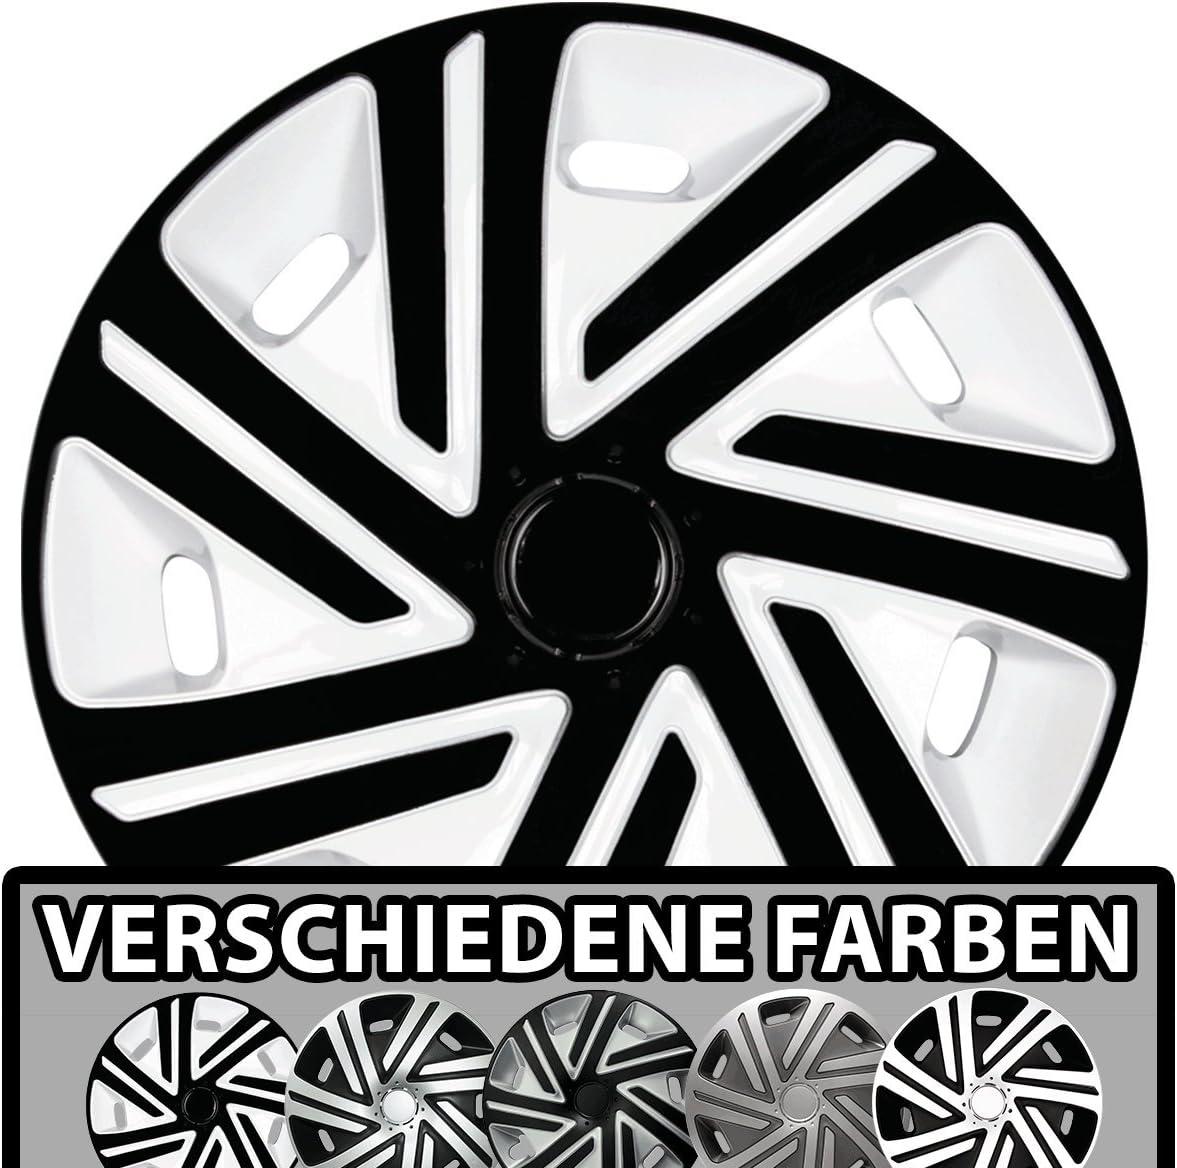 Eight Tec Handelsagentur Größe Und Farbe Wählbar Radzierblenden 14 Zoll Cyrkon Weiß Schwarz Passend Für Fast Alle Fahrzeugtypen Universell Auto